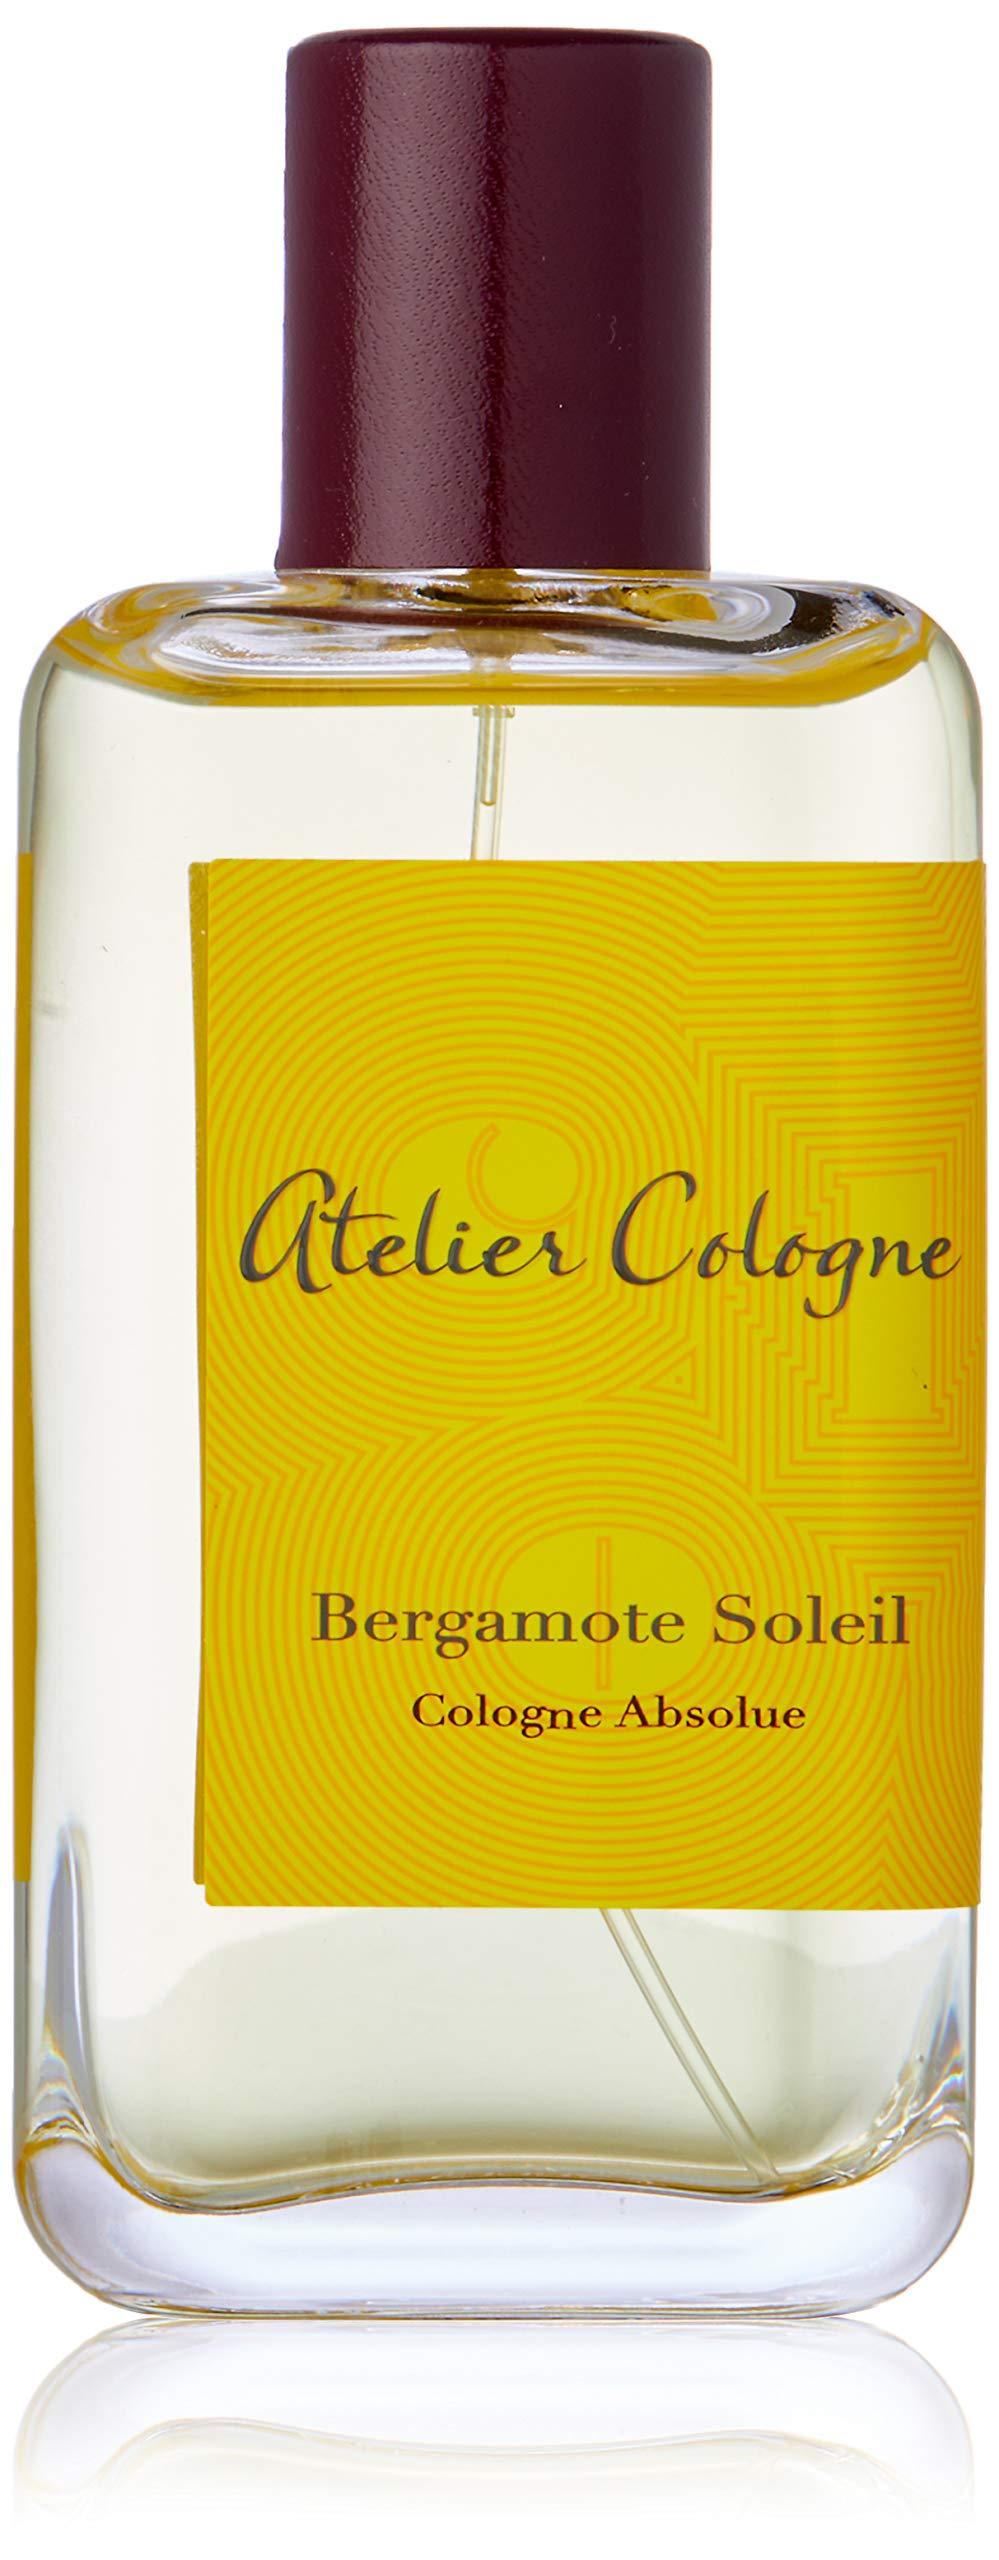 Atelier Cologne Eau de Parfum, Bergamote Soleil, 3.3 Ounce